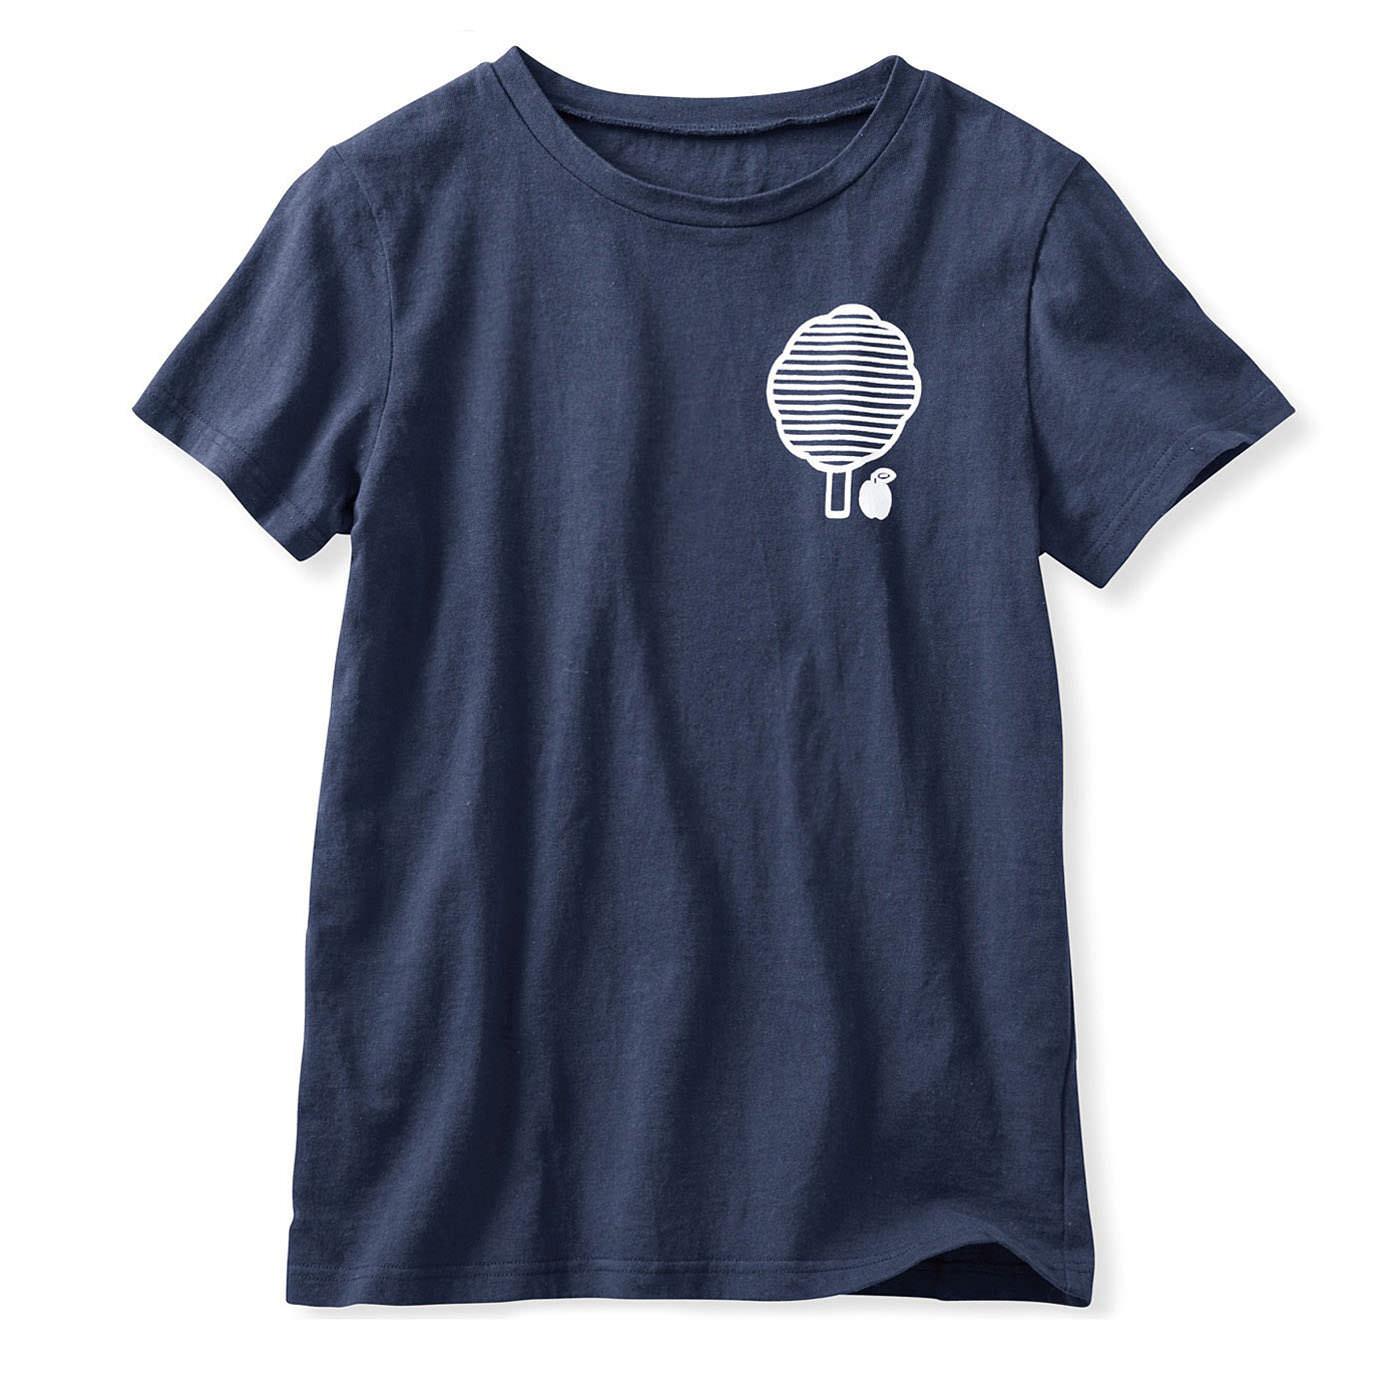 イラストレーターの山内庸資〈やまうちようすけ〉さんとつくった コミュニケーションTシャツ〈オトナ〉 〈ネイビー〉